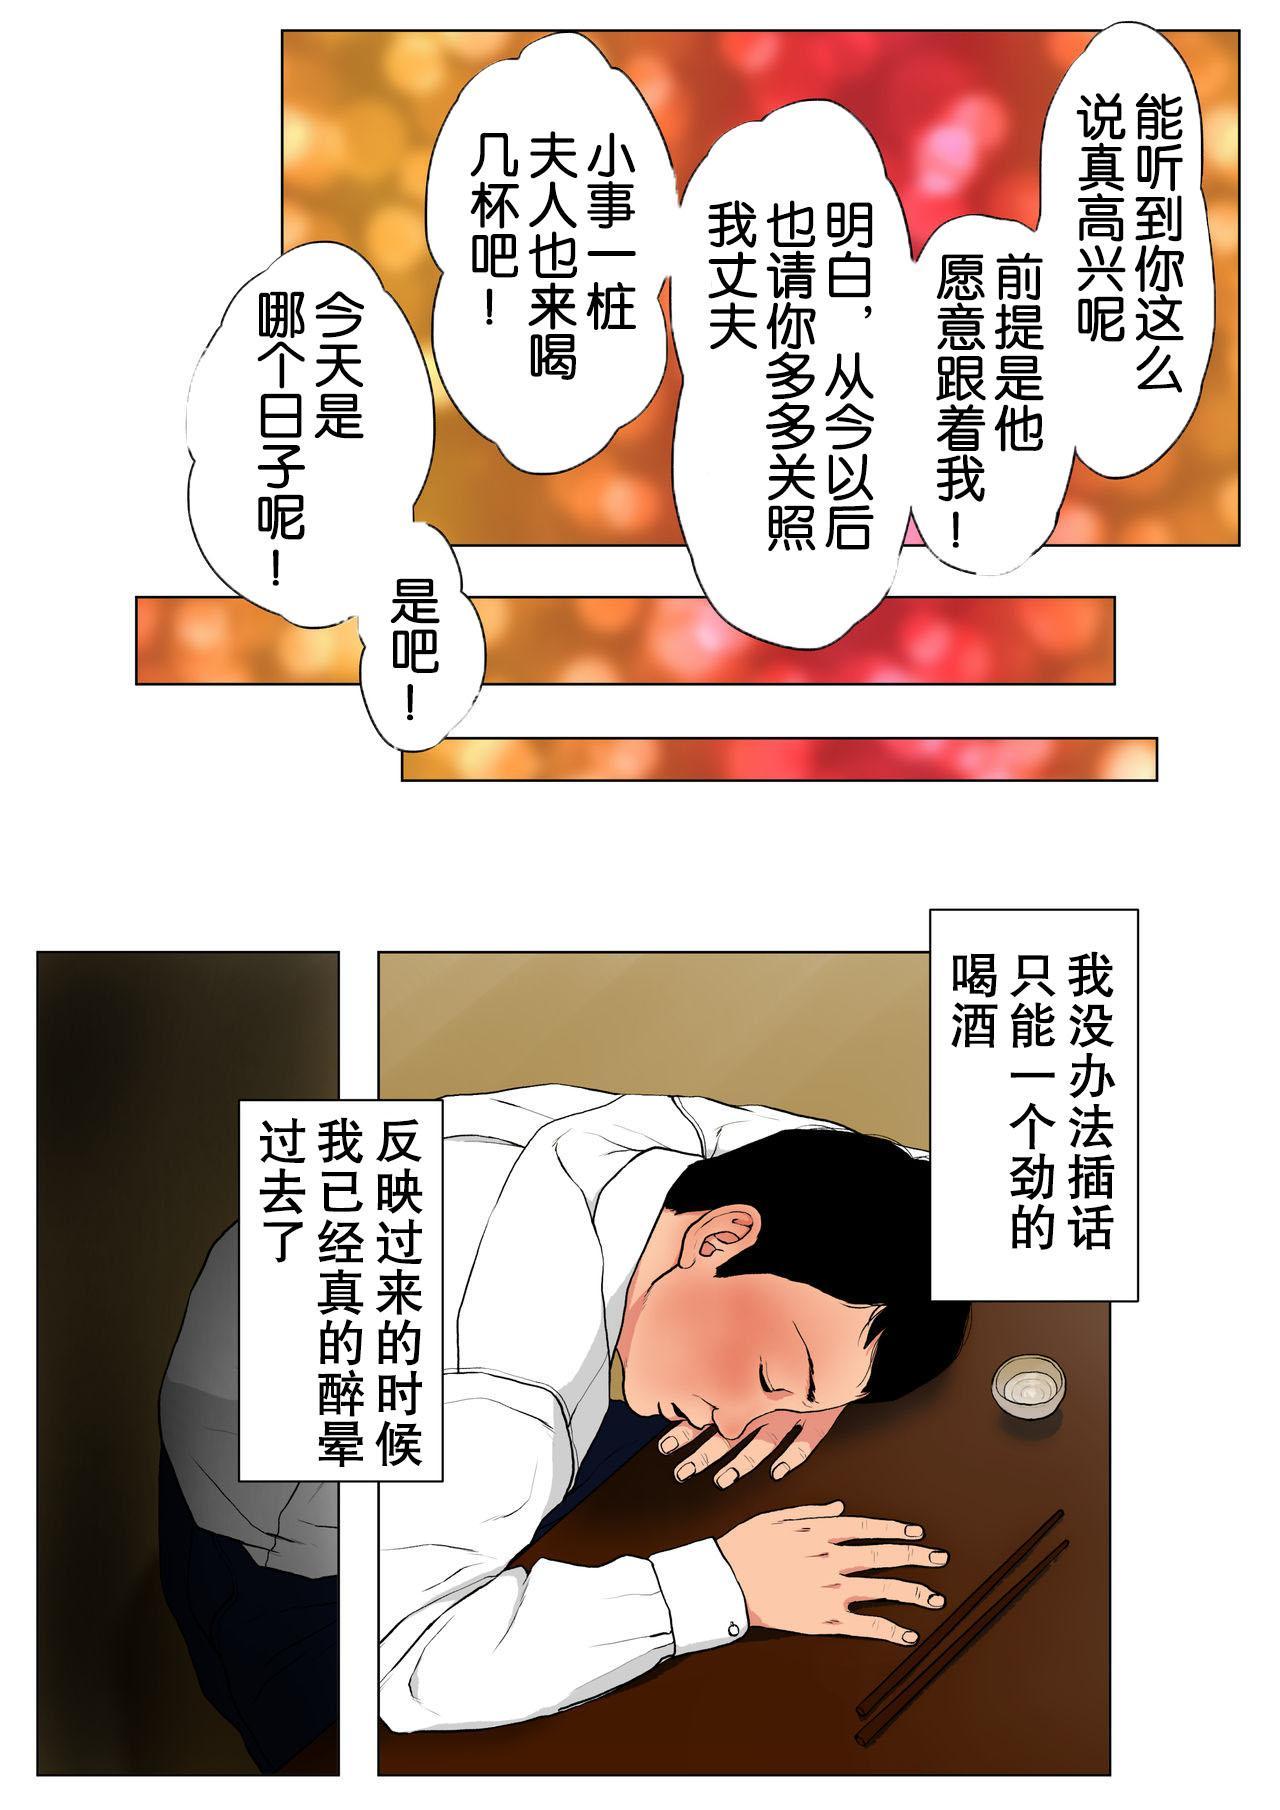 [W no Honnou] Shin, Boku no Tsuma to Kyokon no Moto AV Danyuu Buchou[Chinese]【不可视汉化】 16